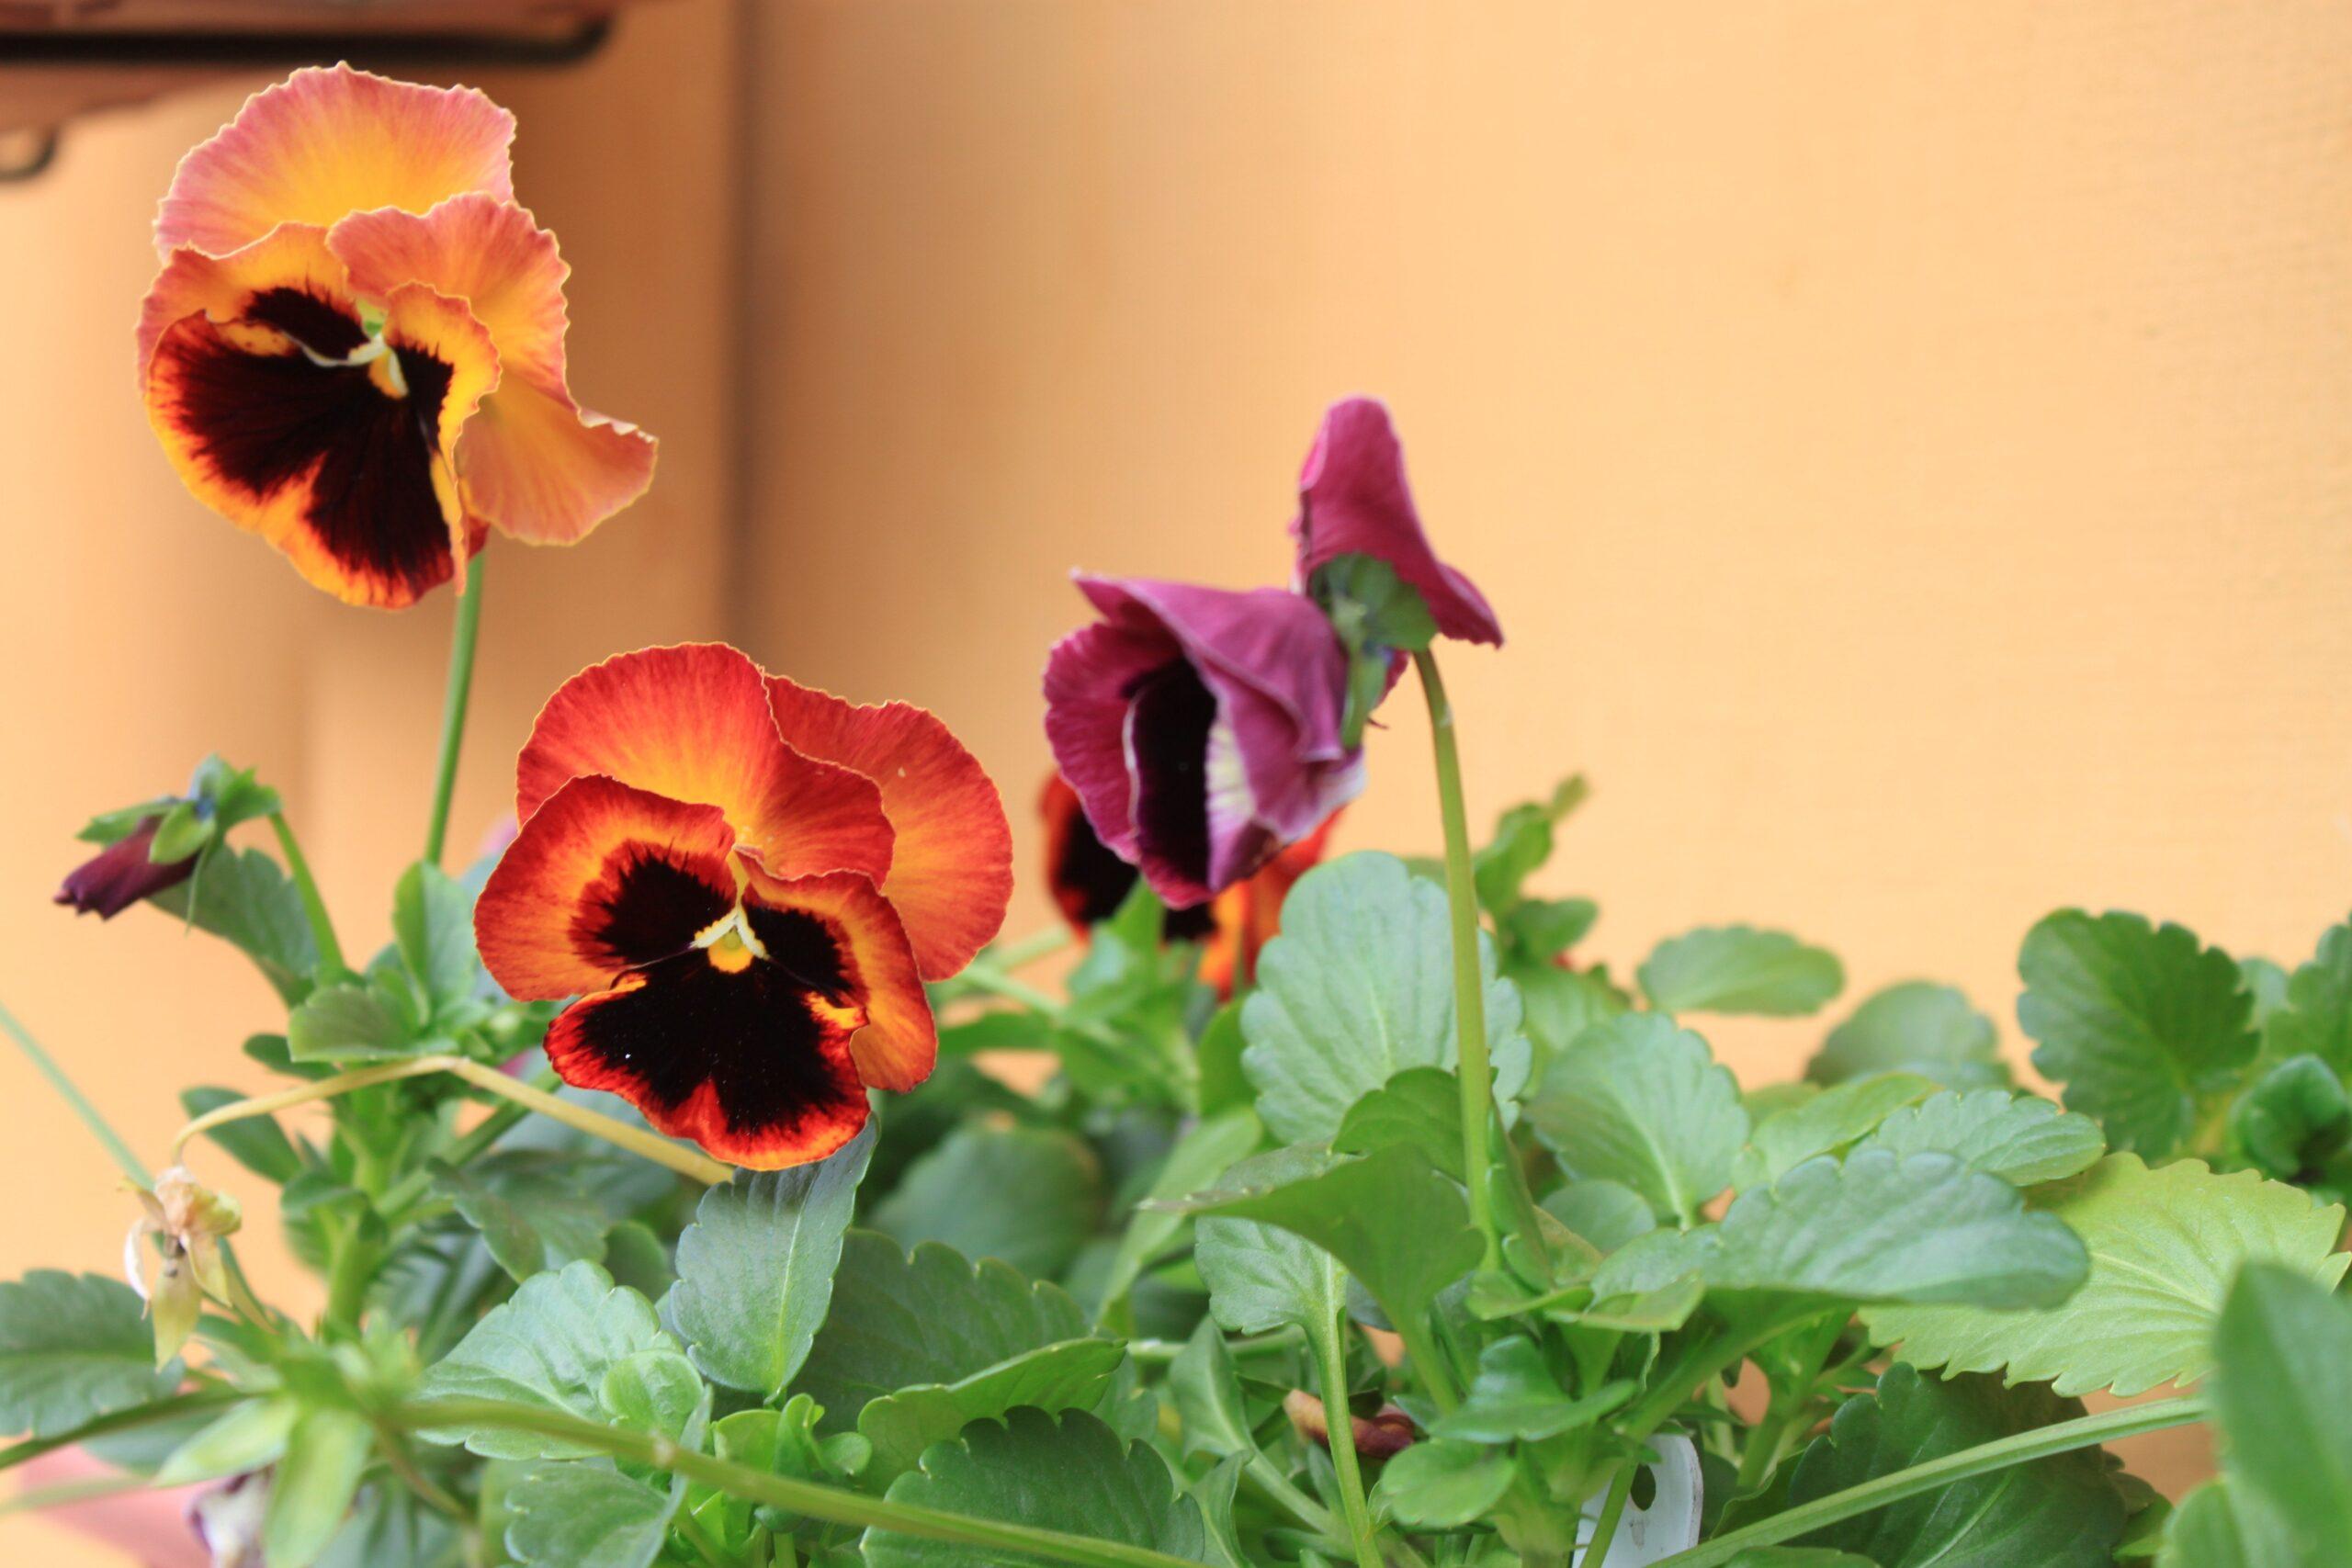 Quais as plantas ornamentais (não tóxicas) que podemos ter em casa tranquilamente?